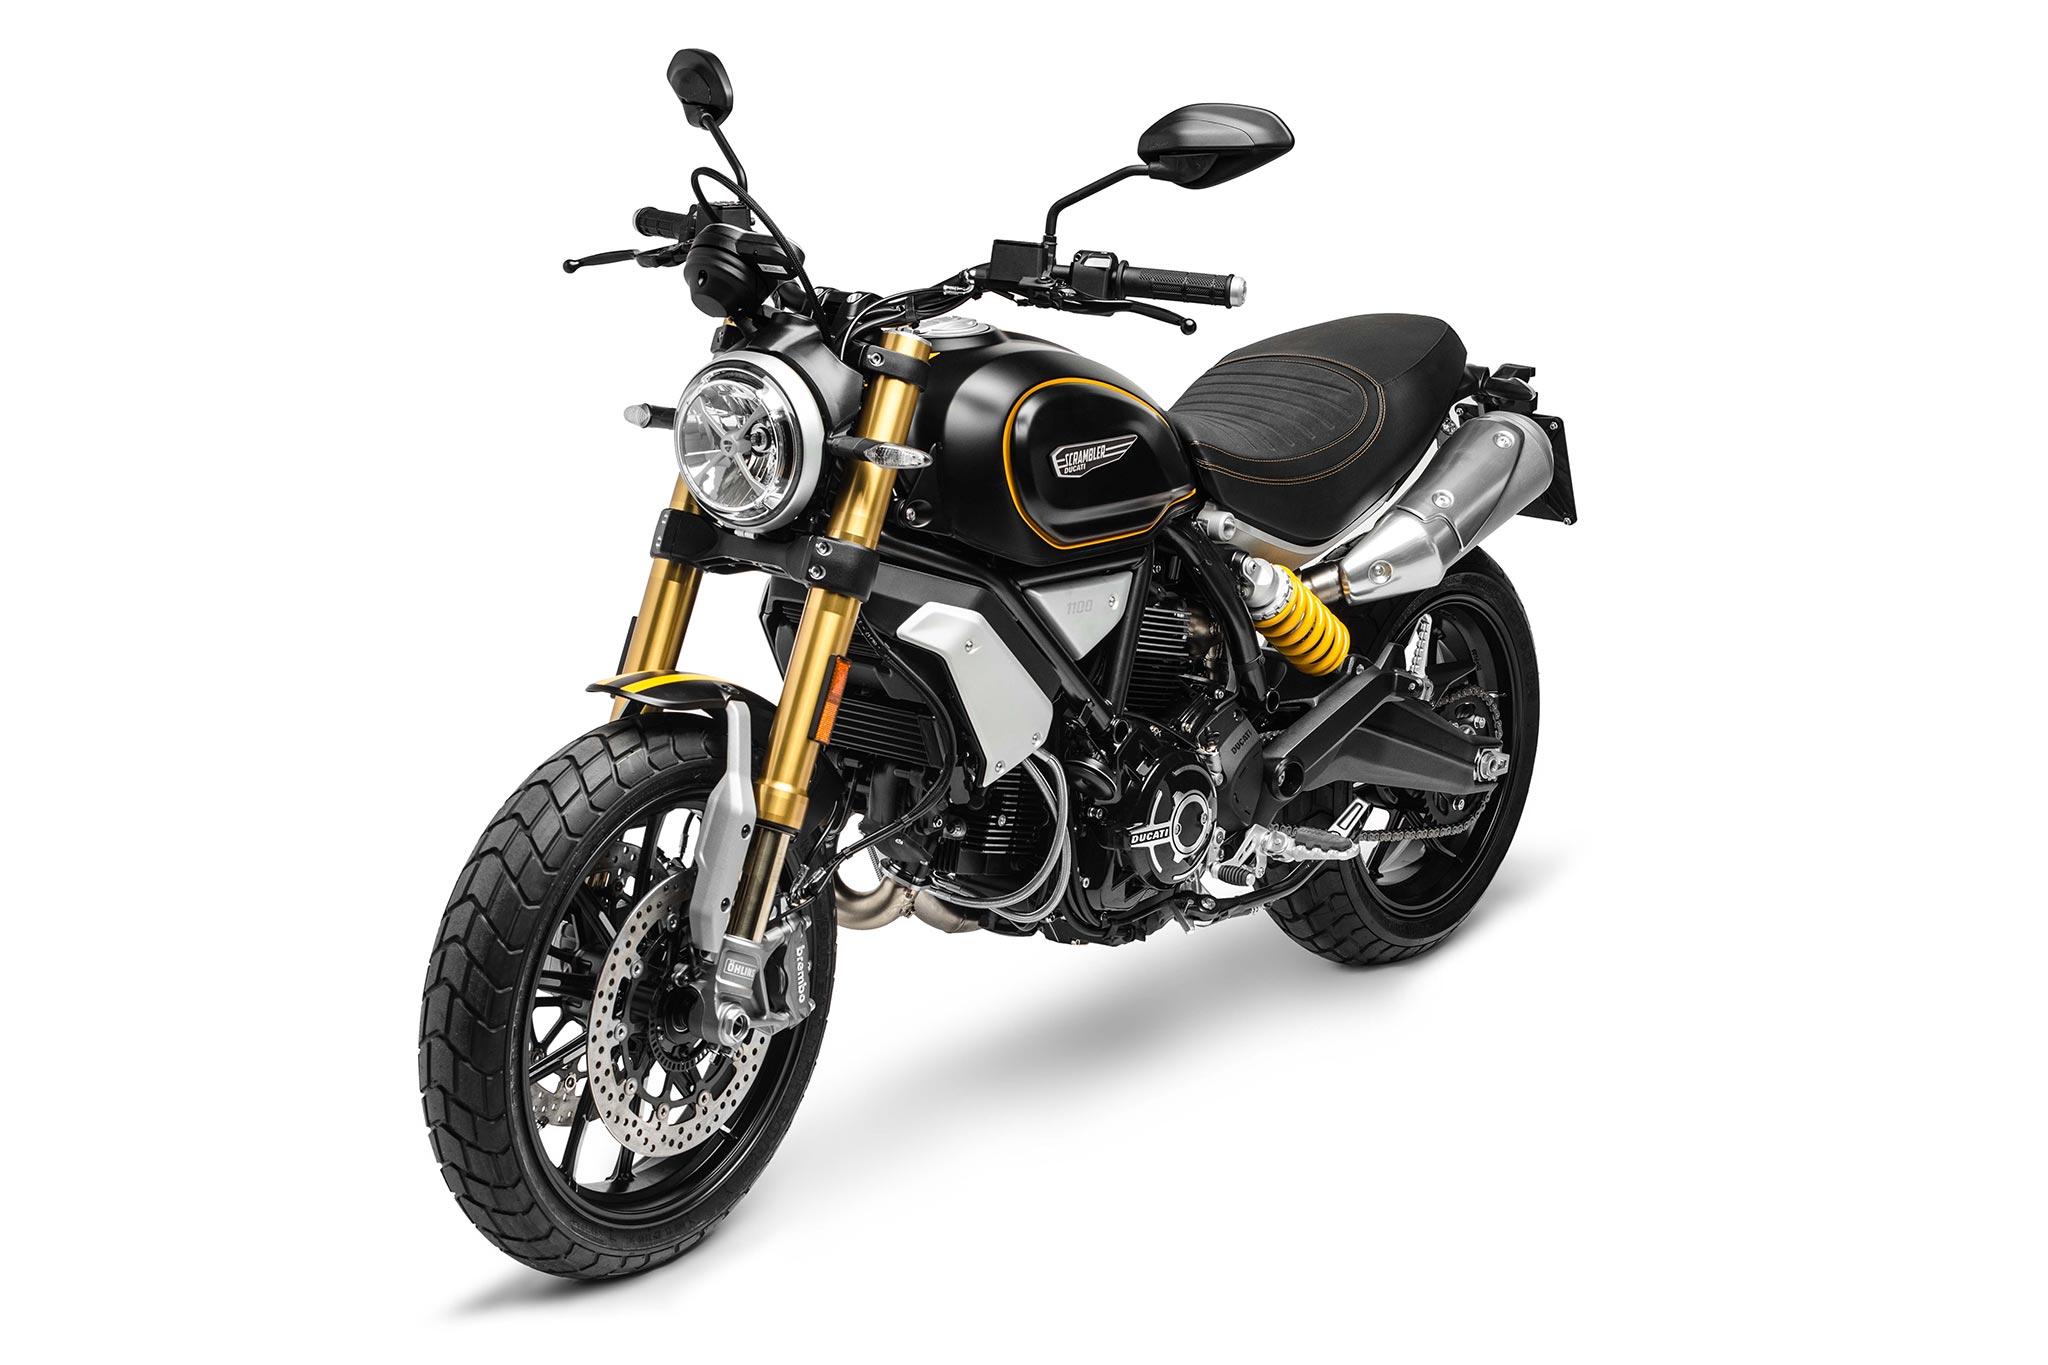 Ducati-Scrambler-1100-2018-tai-An-Do-gia-re-hon-Viet-Nam-74-trieu-dong-anh-1